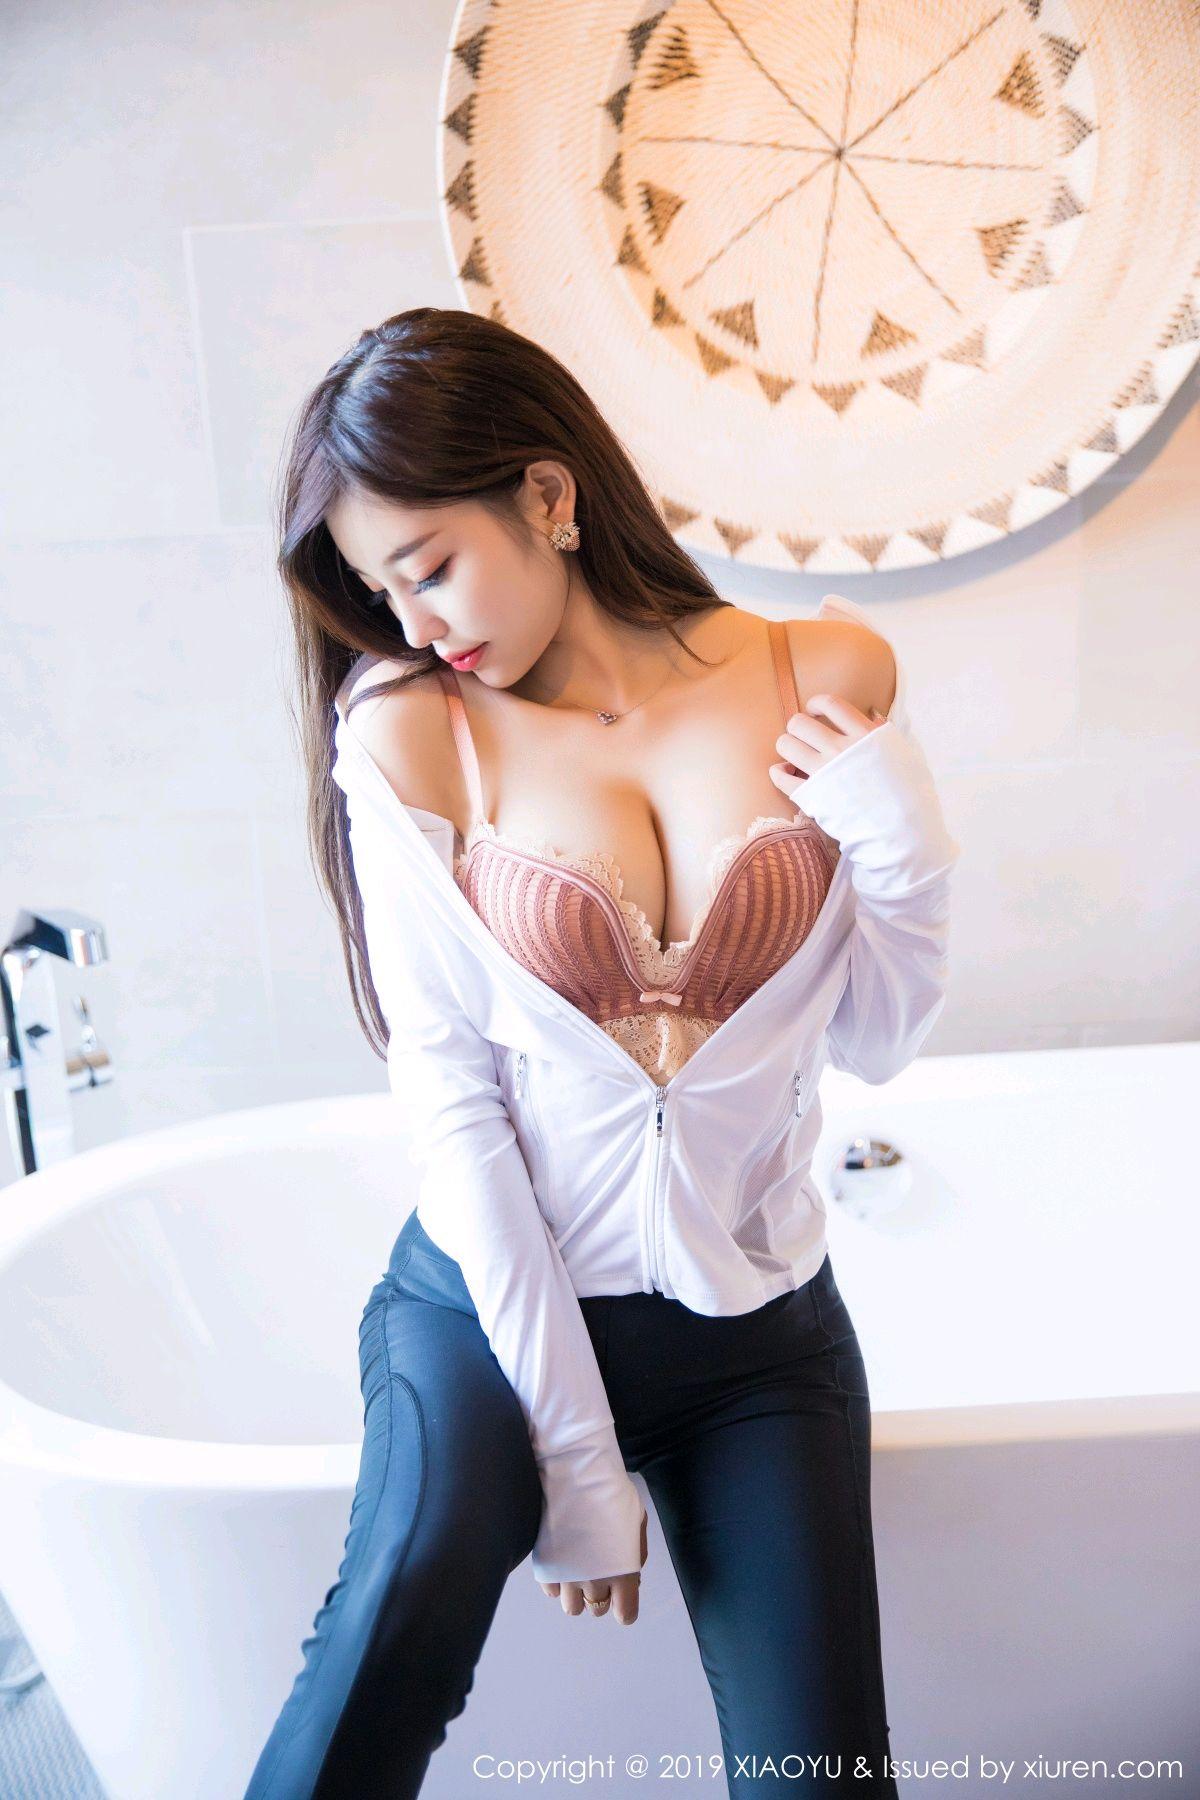 [XiaoYu] Vol.077 Yang Chen Chen Sugar 26P, Underwear, XiaoYu, Yang Chen Chen